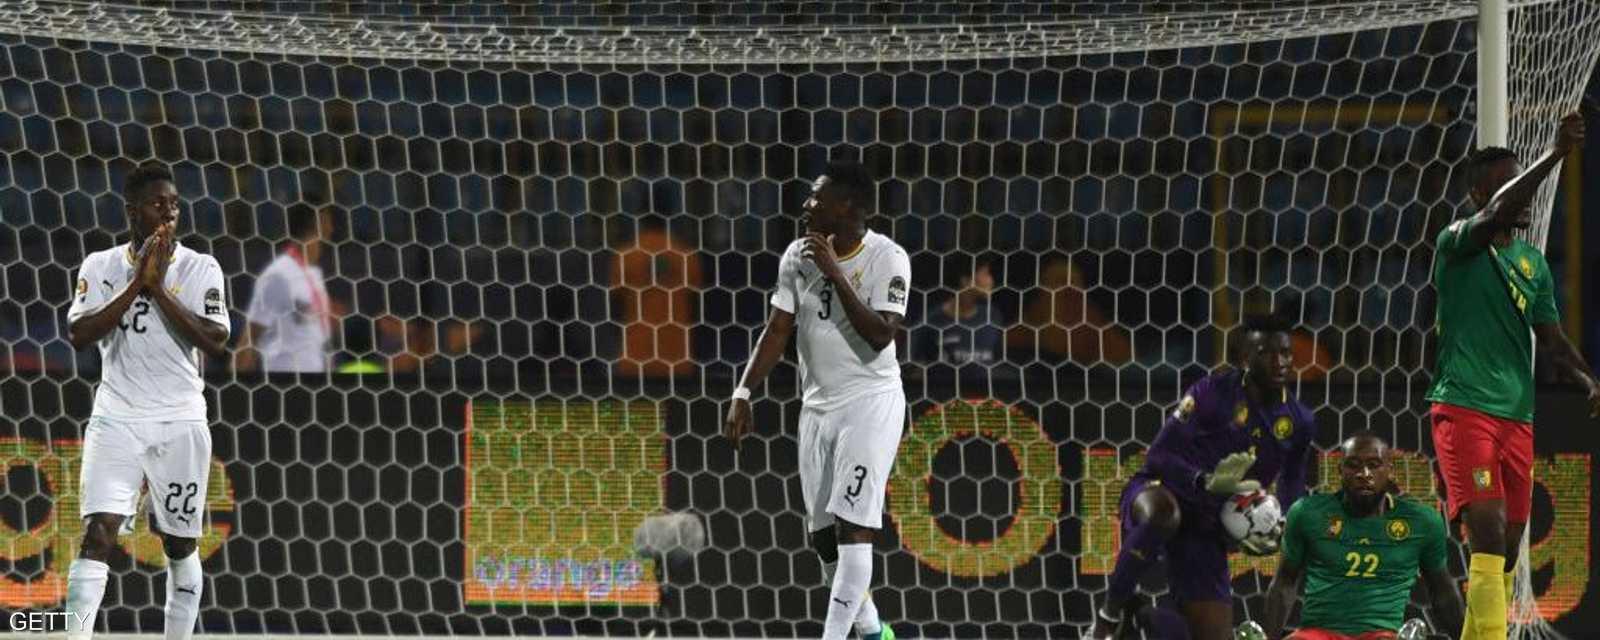 قمة الكاميرون وغانا انتهت بلا أهداف رغم حشد نجوم المنتخبين